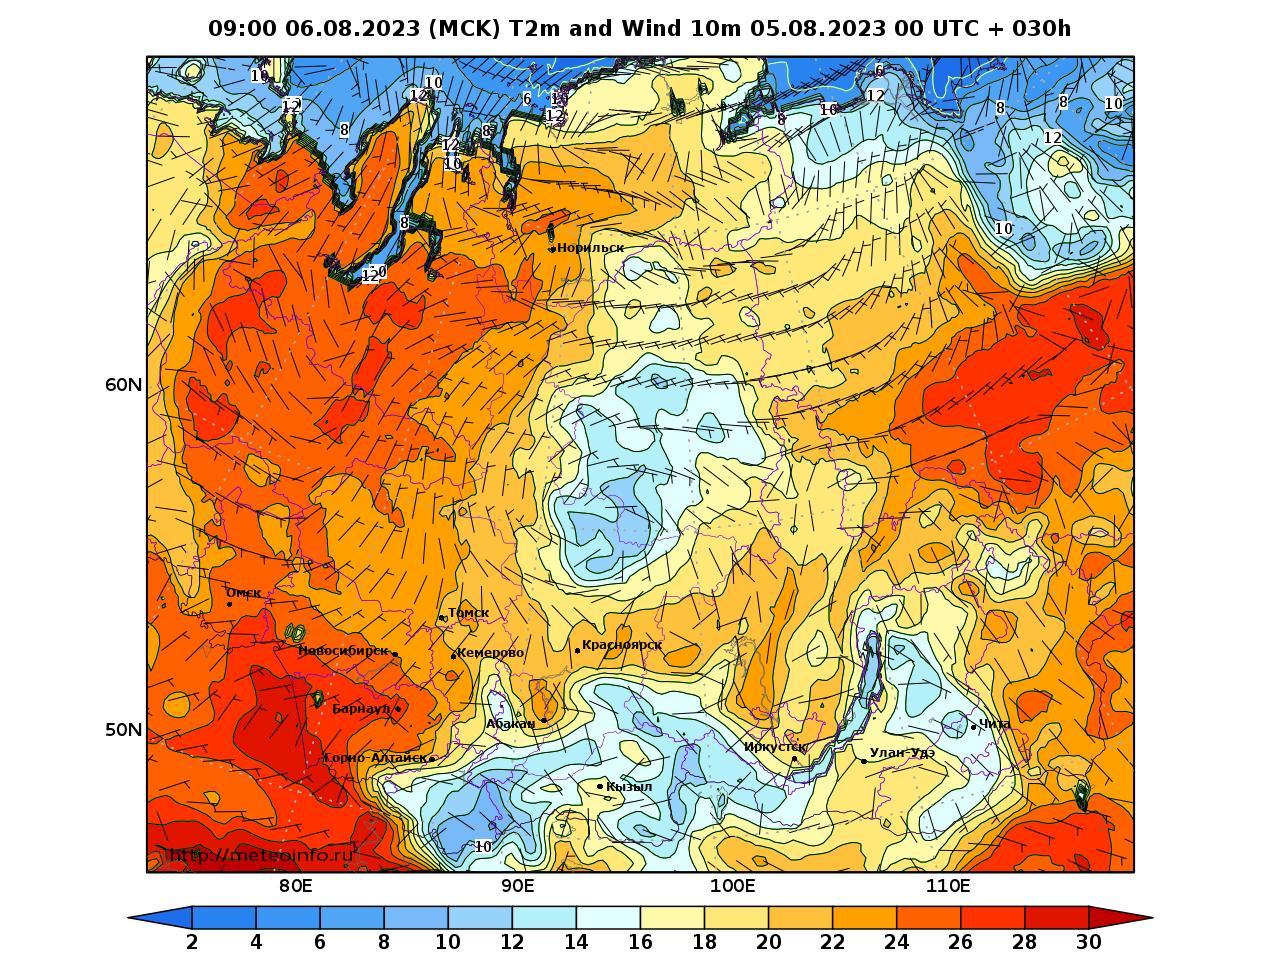 Сибирский Федеральный округ, прогностическая карта приземная температура, заблаговременность прогноза 30 часов